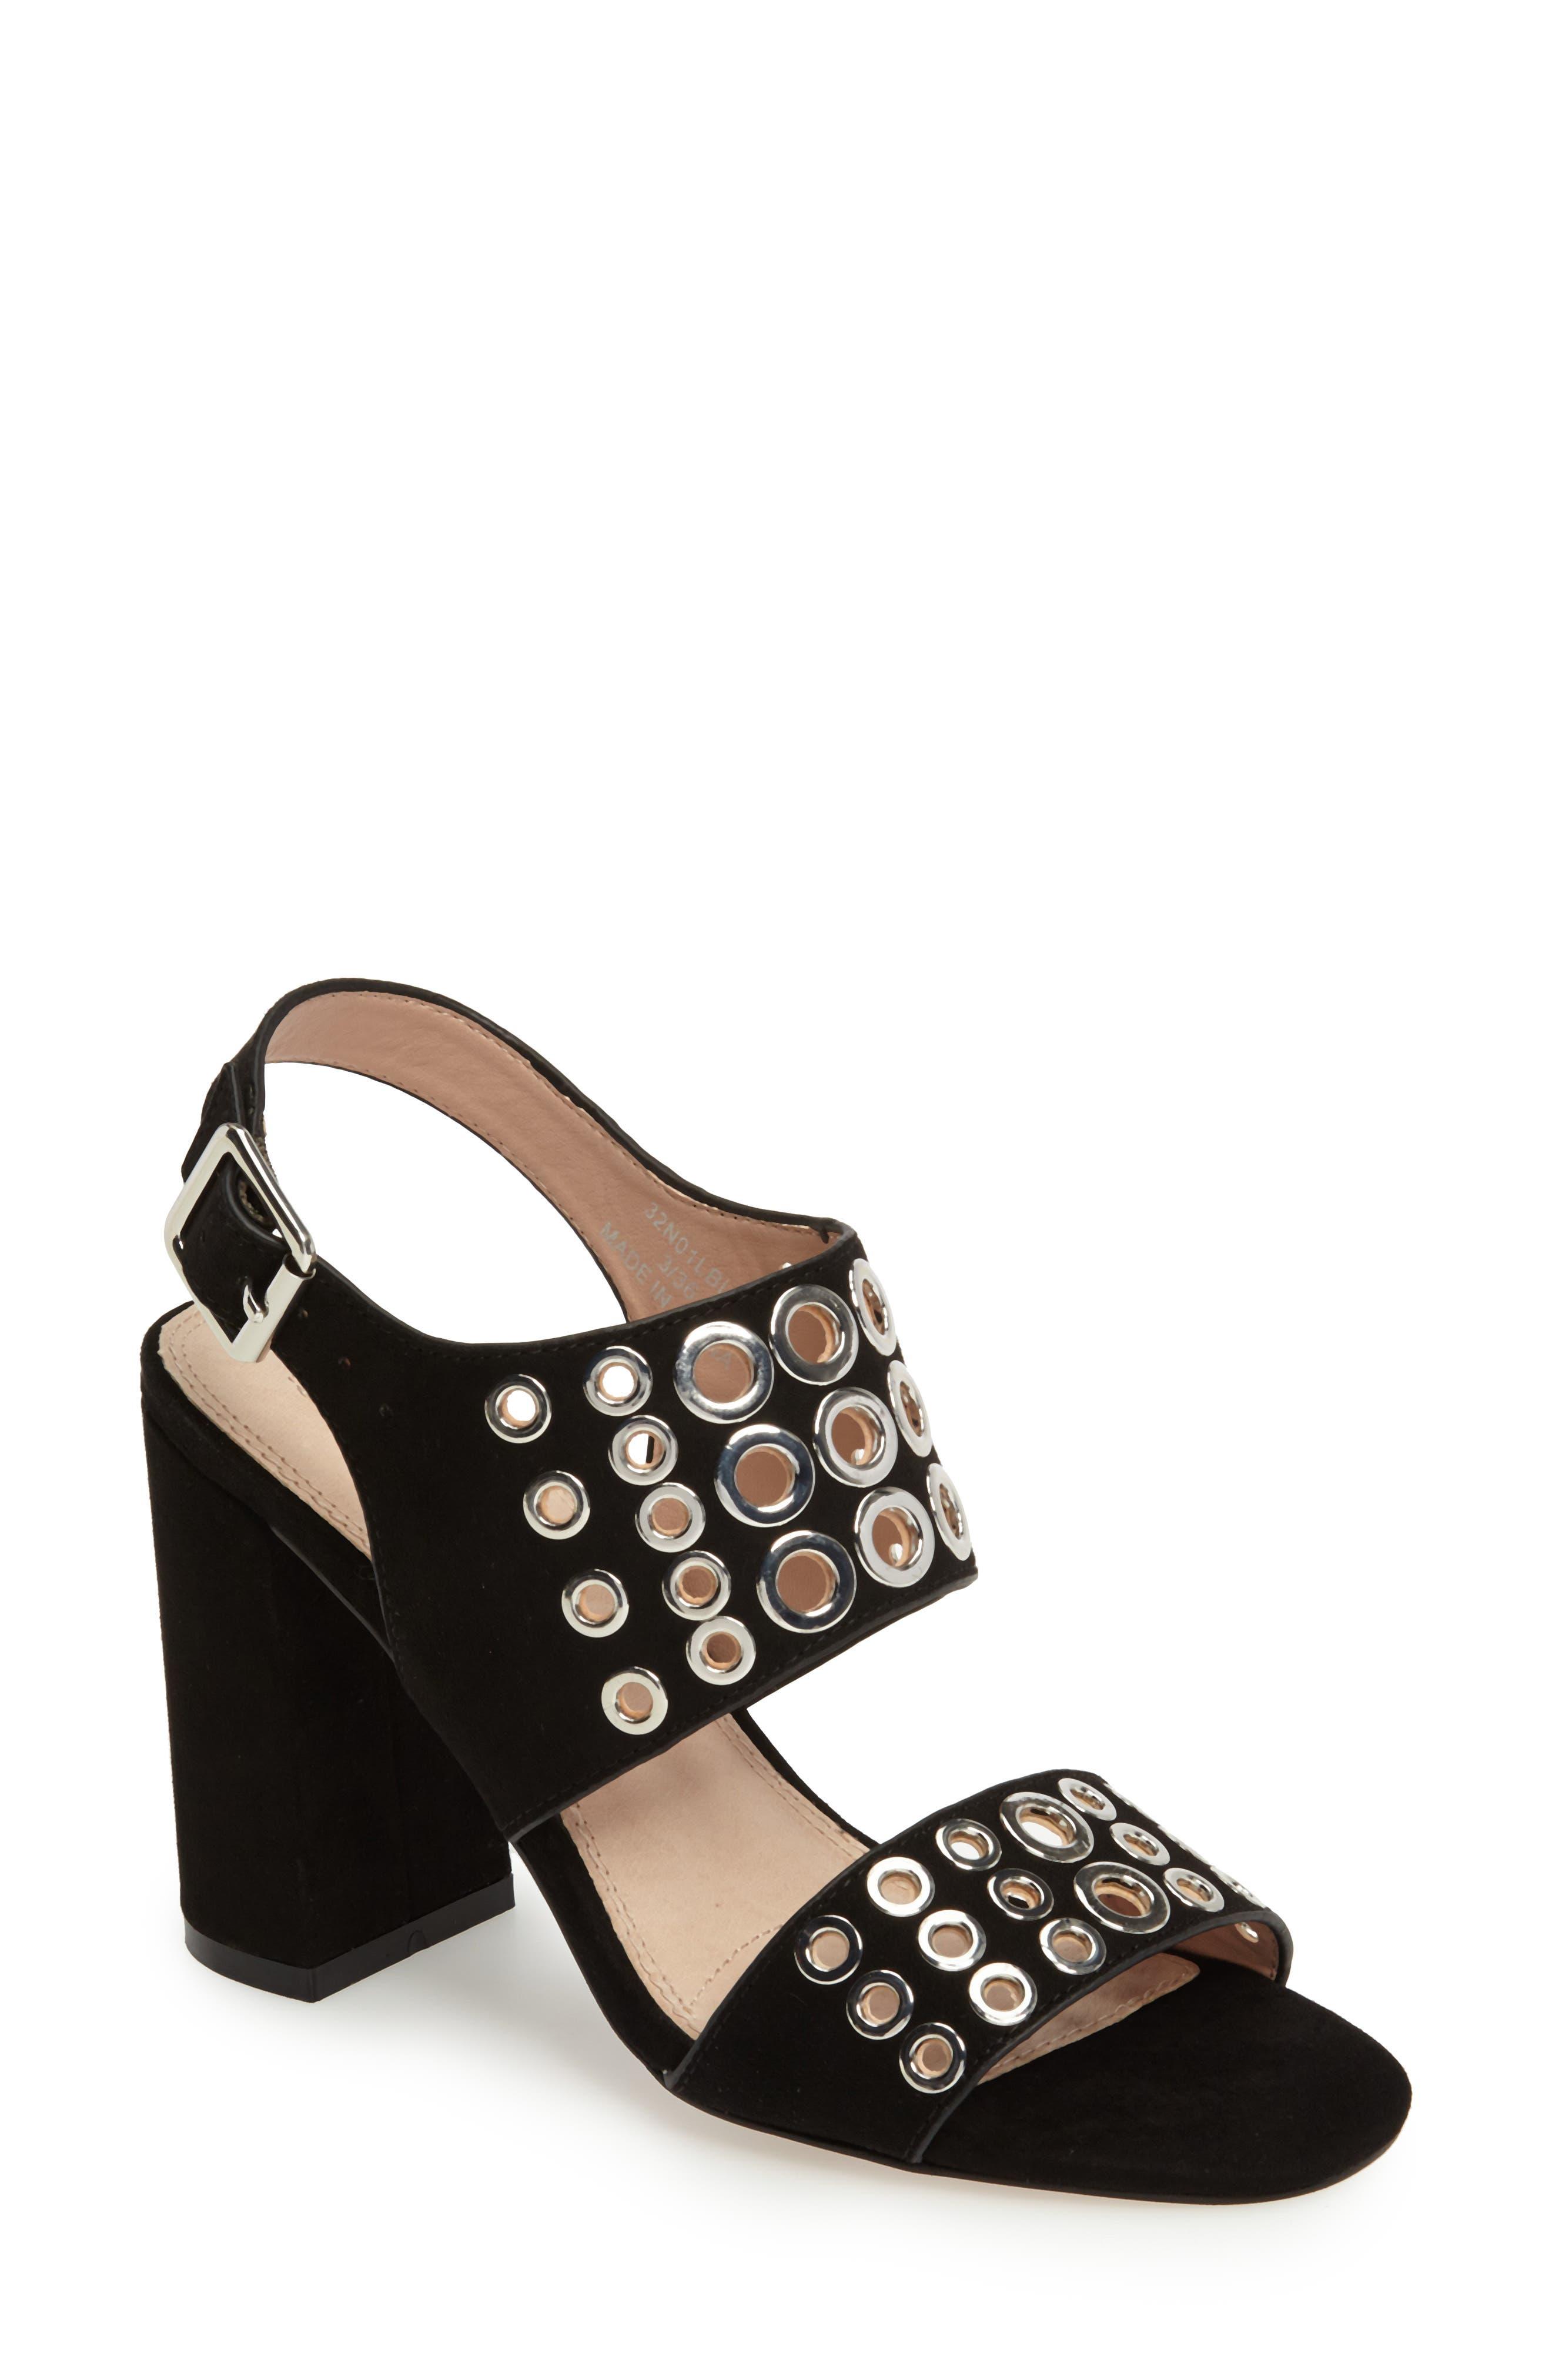 Main Image - Topshop Nadia Rivet Block Heel Sandal (Women)